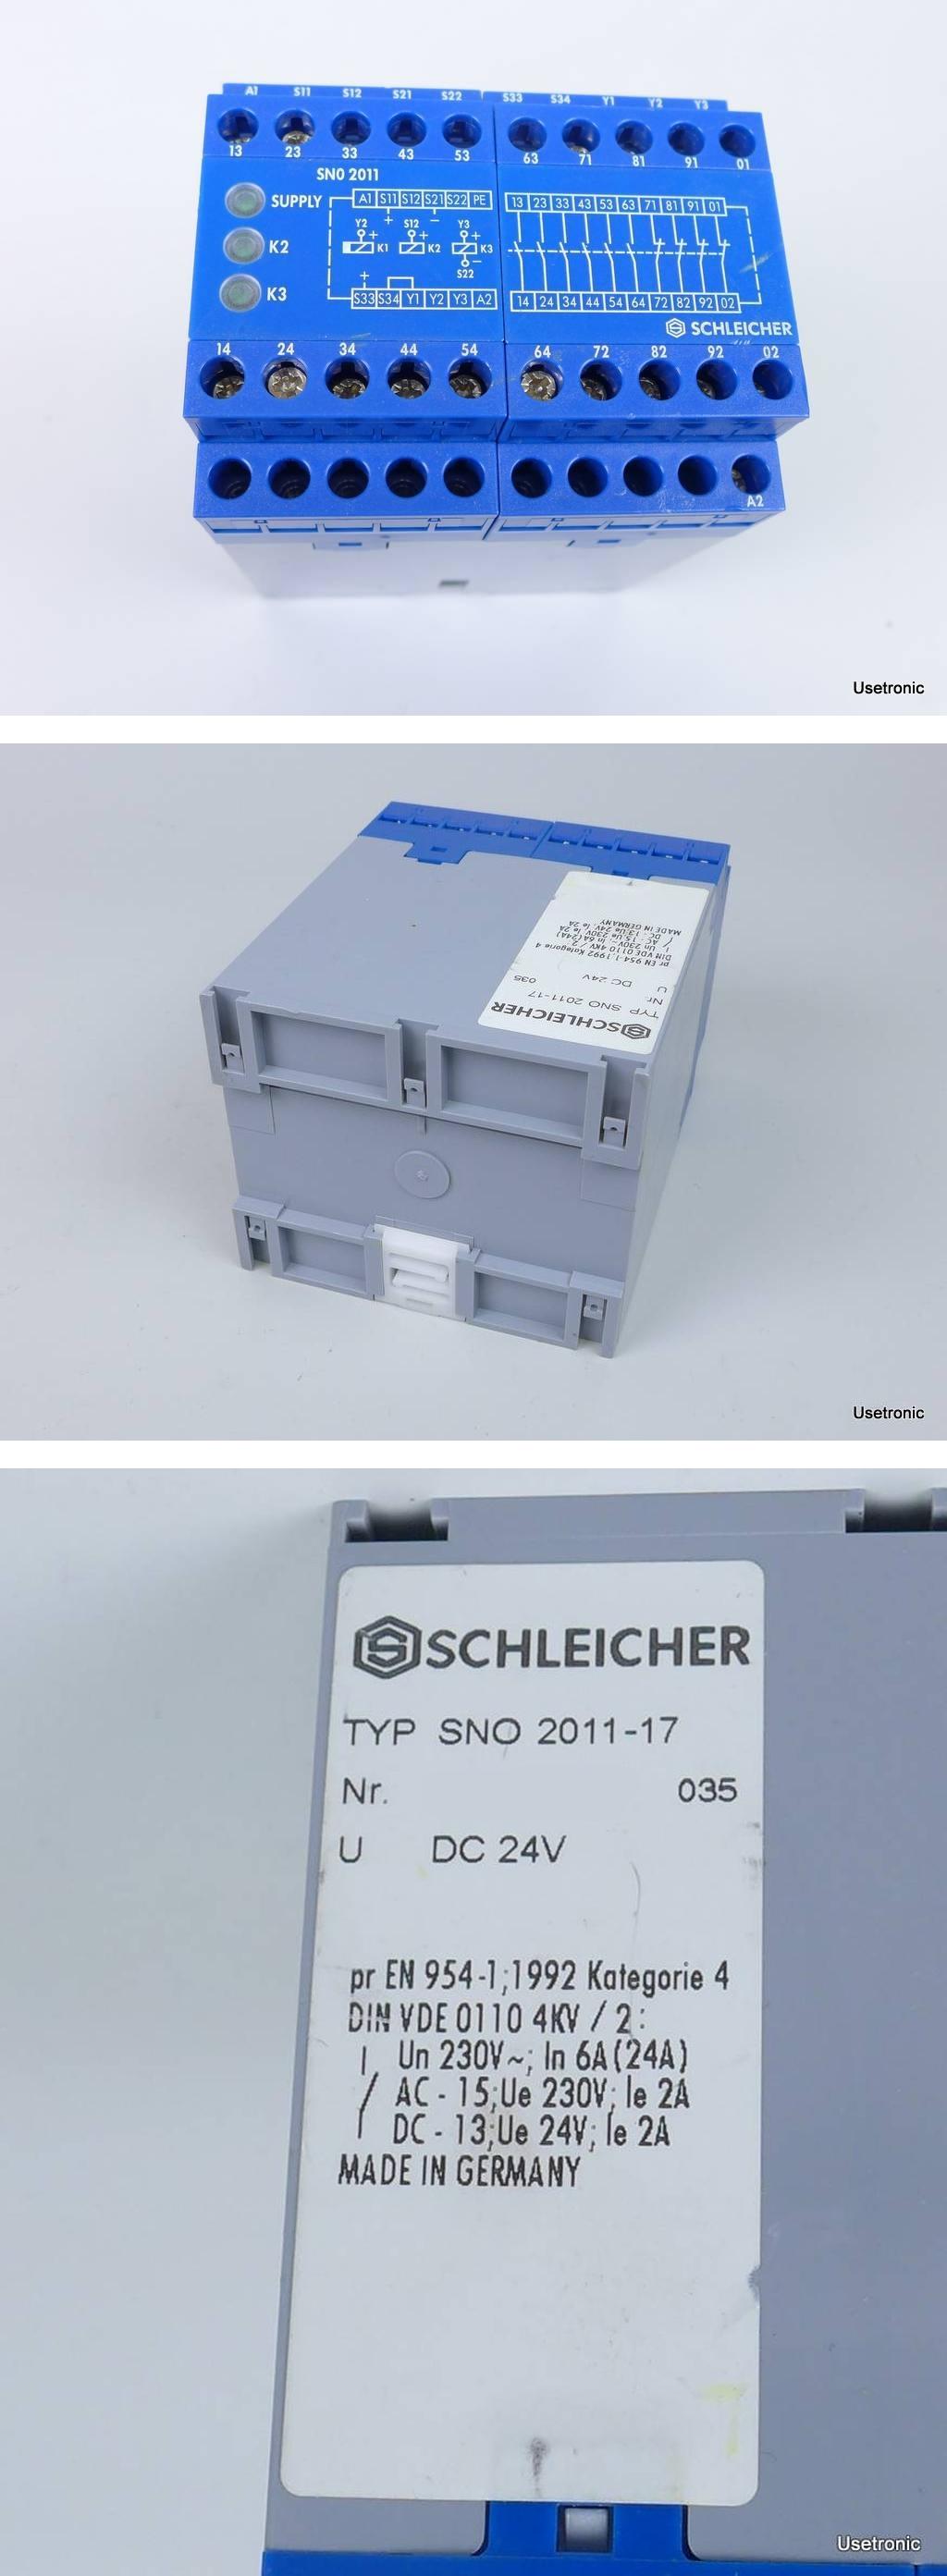 Schleicher SNO 2011-17